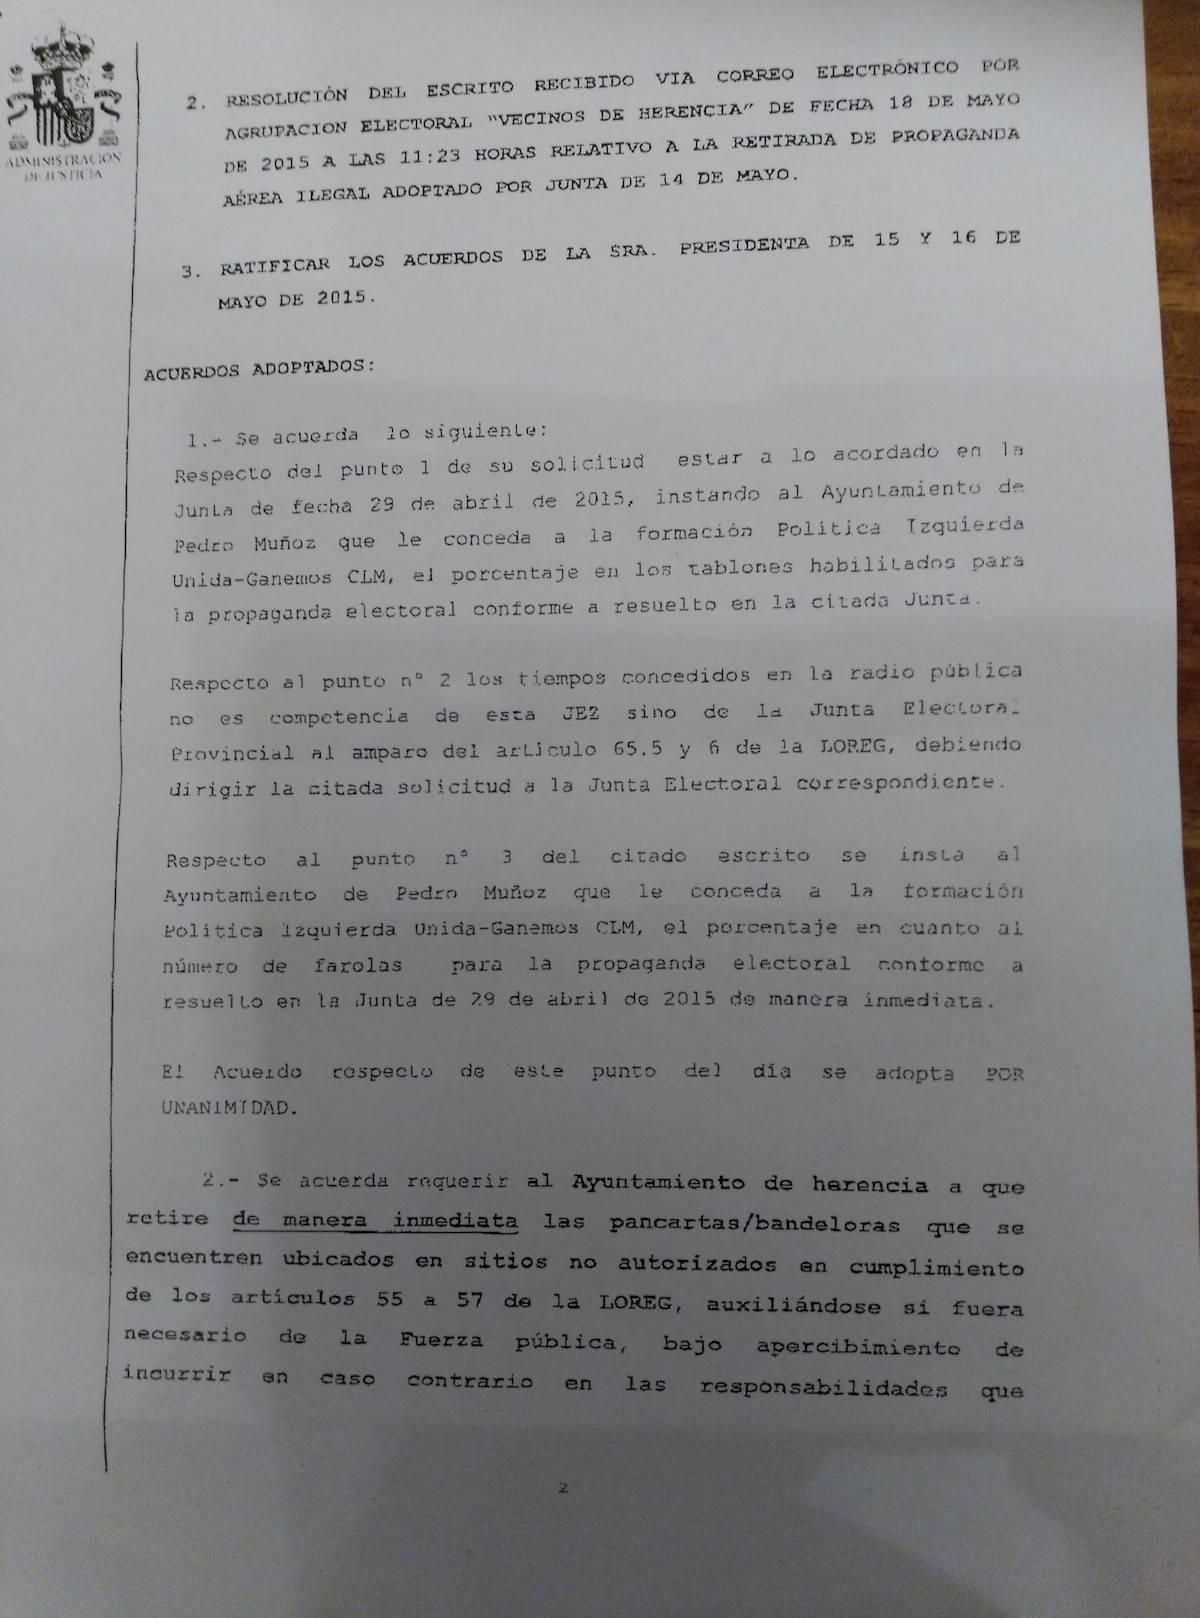 acta junta electoral pagina 2 - La Agrupación Electoral de Vecinos de Herencia no gana ninguna demanda contra el PP